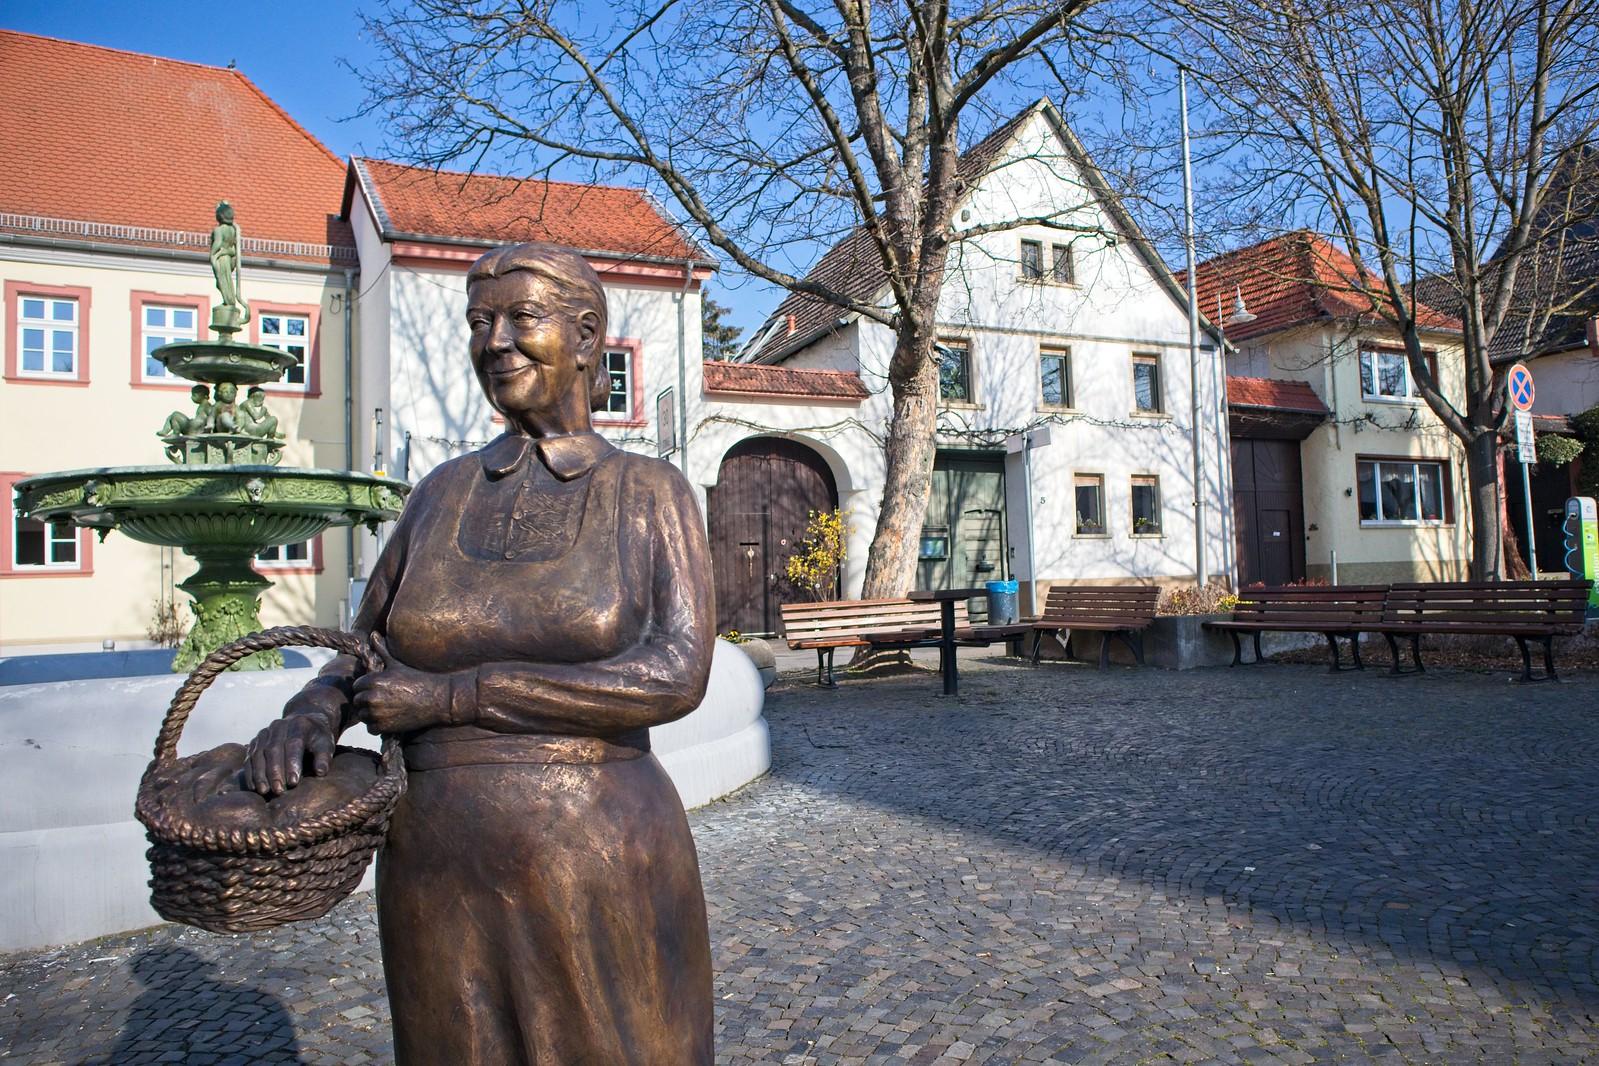 Schweigsame Marktfrau auf dem Marktplatz von Schwabenheim an der Selz (Canon EOS M50, EF-M 15-45mm f/3.5-6.3 IS STM, 15 mm, Manuell, 1/2500 sek @ f/4, ISO 200, EV 0)